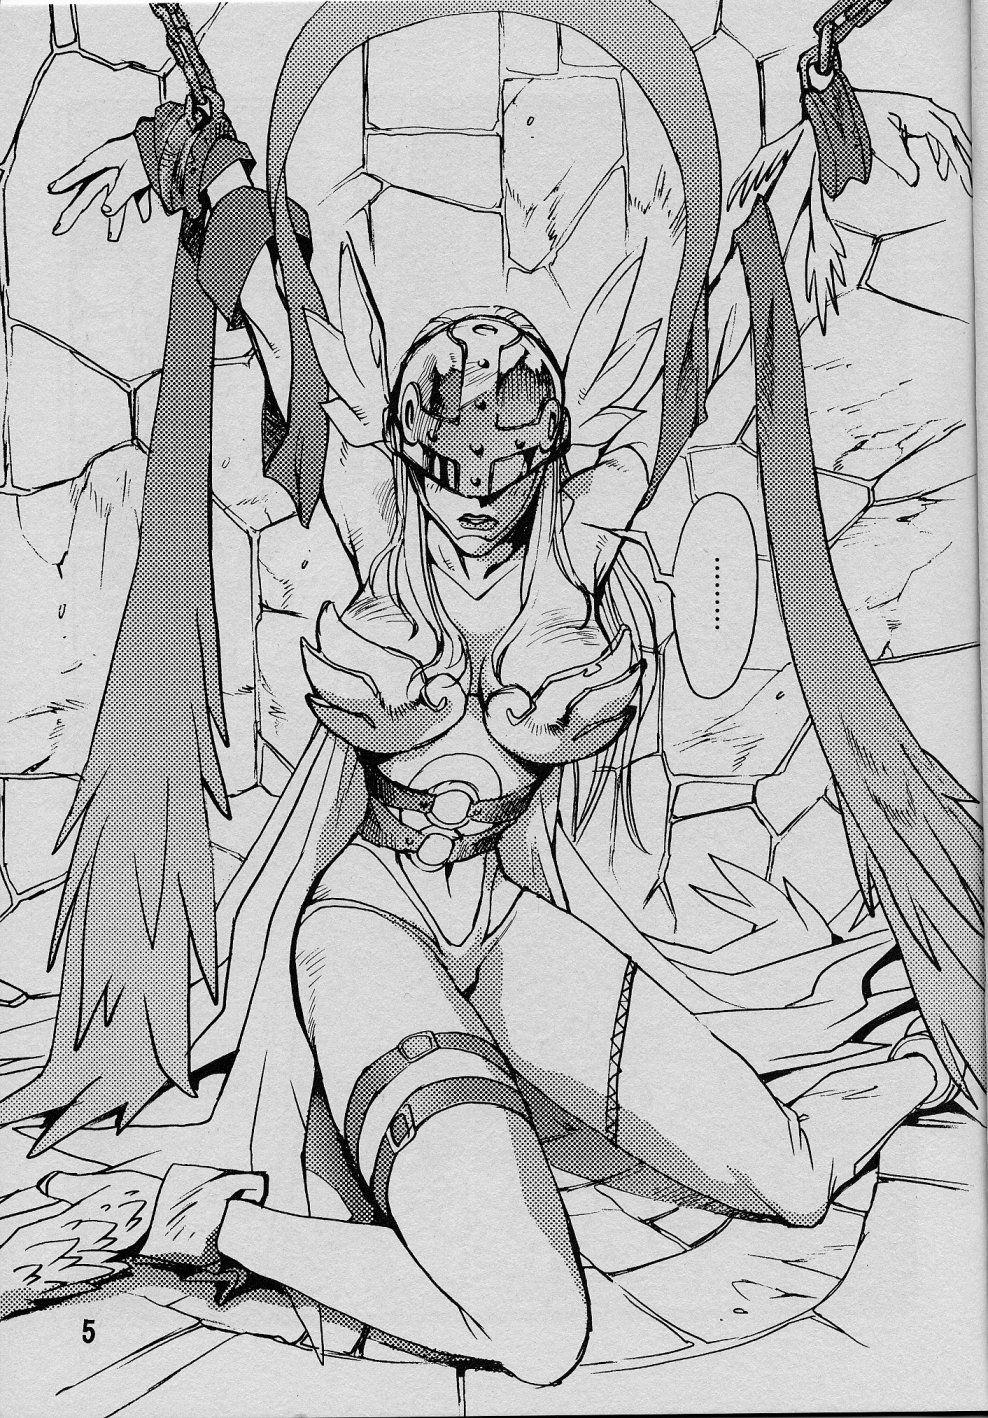 Angewomon à bela anjo caído hentai - Foto 4